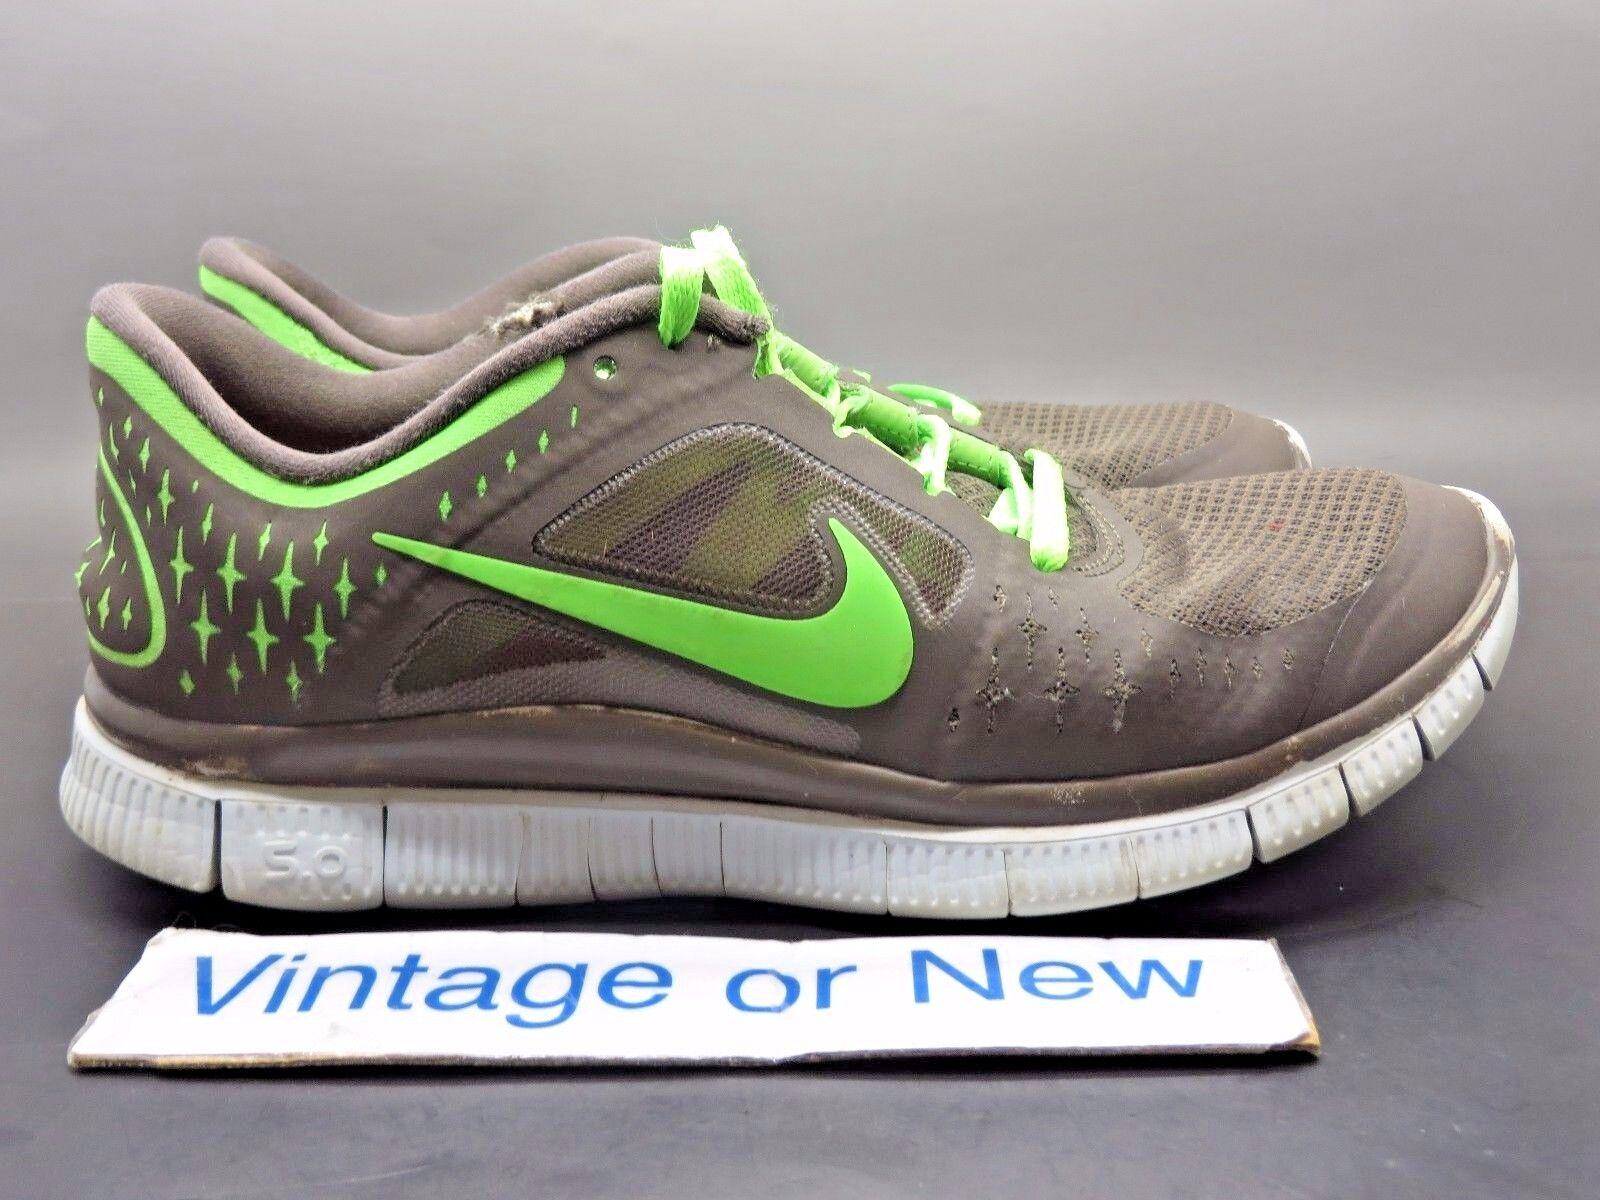 les nike tour gratuit   3 3 3 Gris  citron vert, des chaussures de course 510643-202 sz 7 6811f7